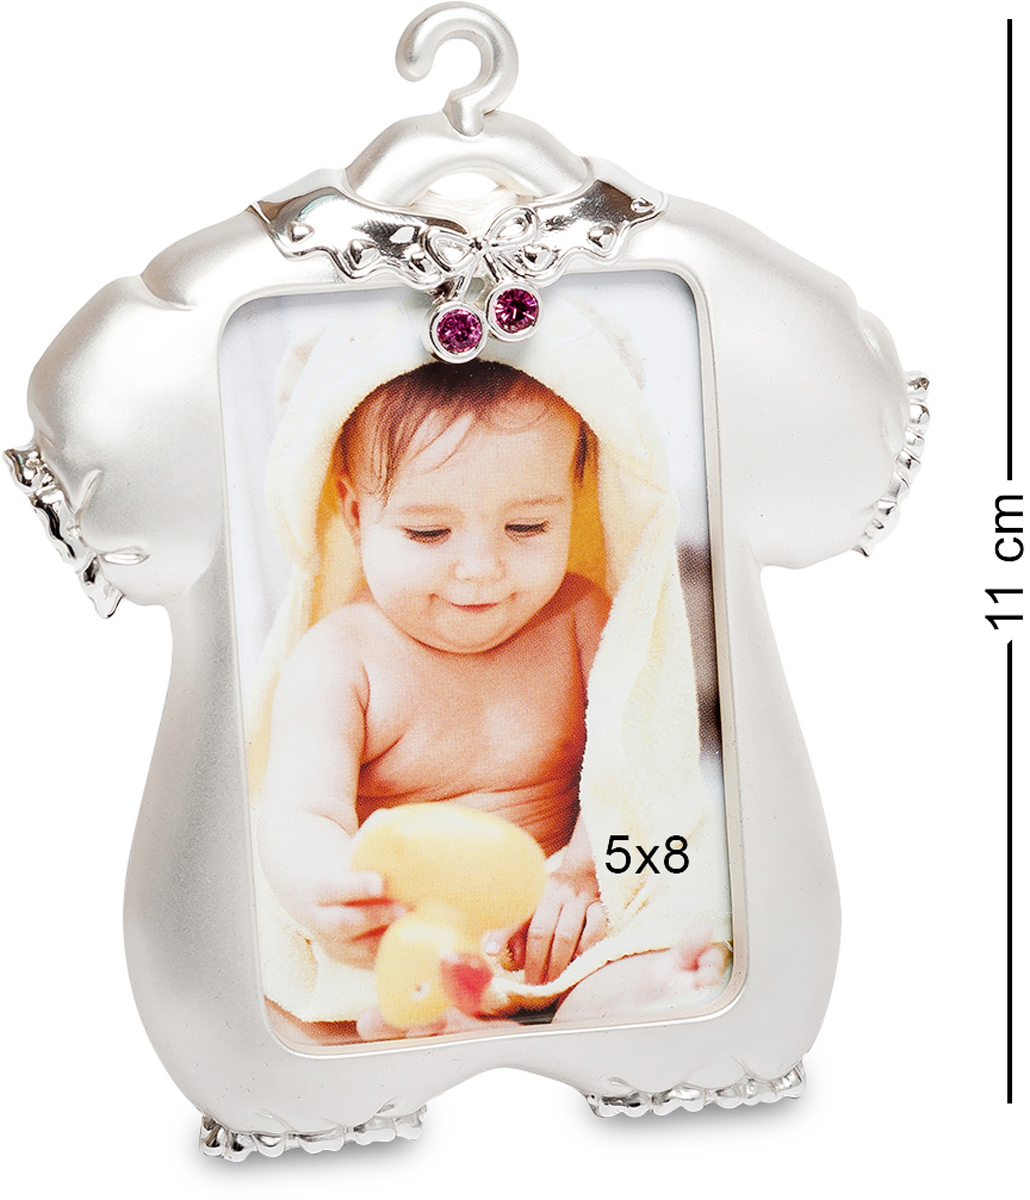 Фоторамка Bellezza Casa Маленькая принцесса, фото 5х8. CHK-004THN132NФоторамка для фотографий 5х8 см.Оригинальная фоторамка Маленькая принцесса может стать отличным подарком к рождению ребенка. Необычный дизайн в виде забавного комбинезона станет милым сюрпризом довольным родителям. Счастливый момент в жизни каждого человека всегда связан с рождением детей. И хочется везде расставить фотографии малыша. Фоторамка создана в серебристой цветовой гамме. Она декорирована небольшими стразами красного цвета. Отлично подойдёт в качестве элемента декора в детскую комнату. Если вам хочется всегда видеть фотографии любимого ребенка, то фоторамка прекрасное воплощение ваших желаний в реальность. Она предназначена для фотографии девочки.